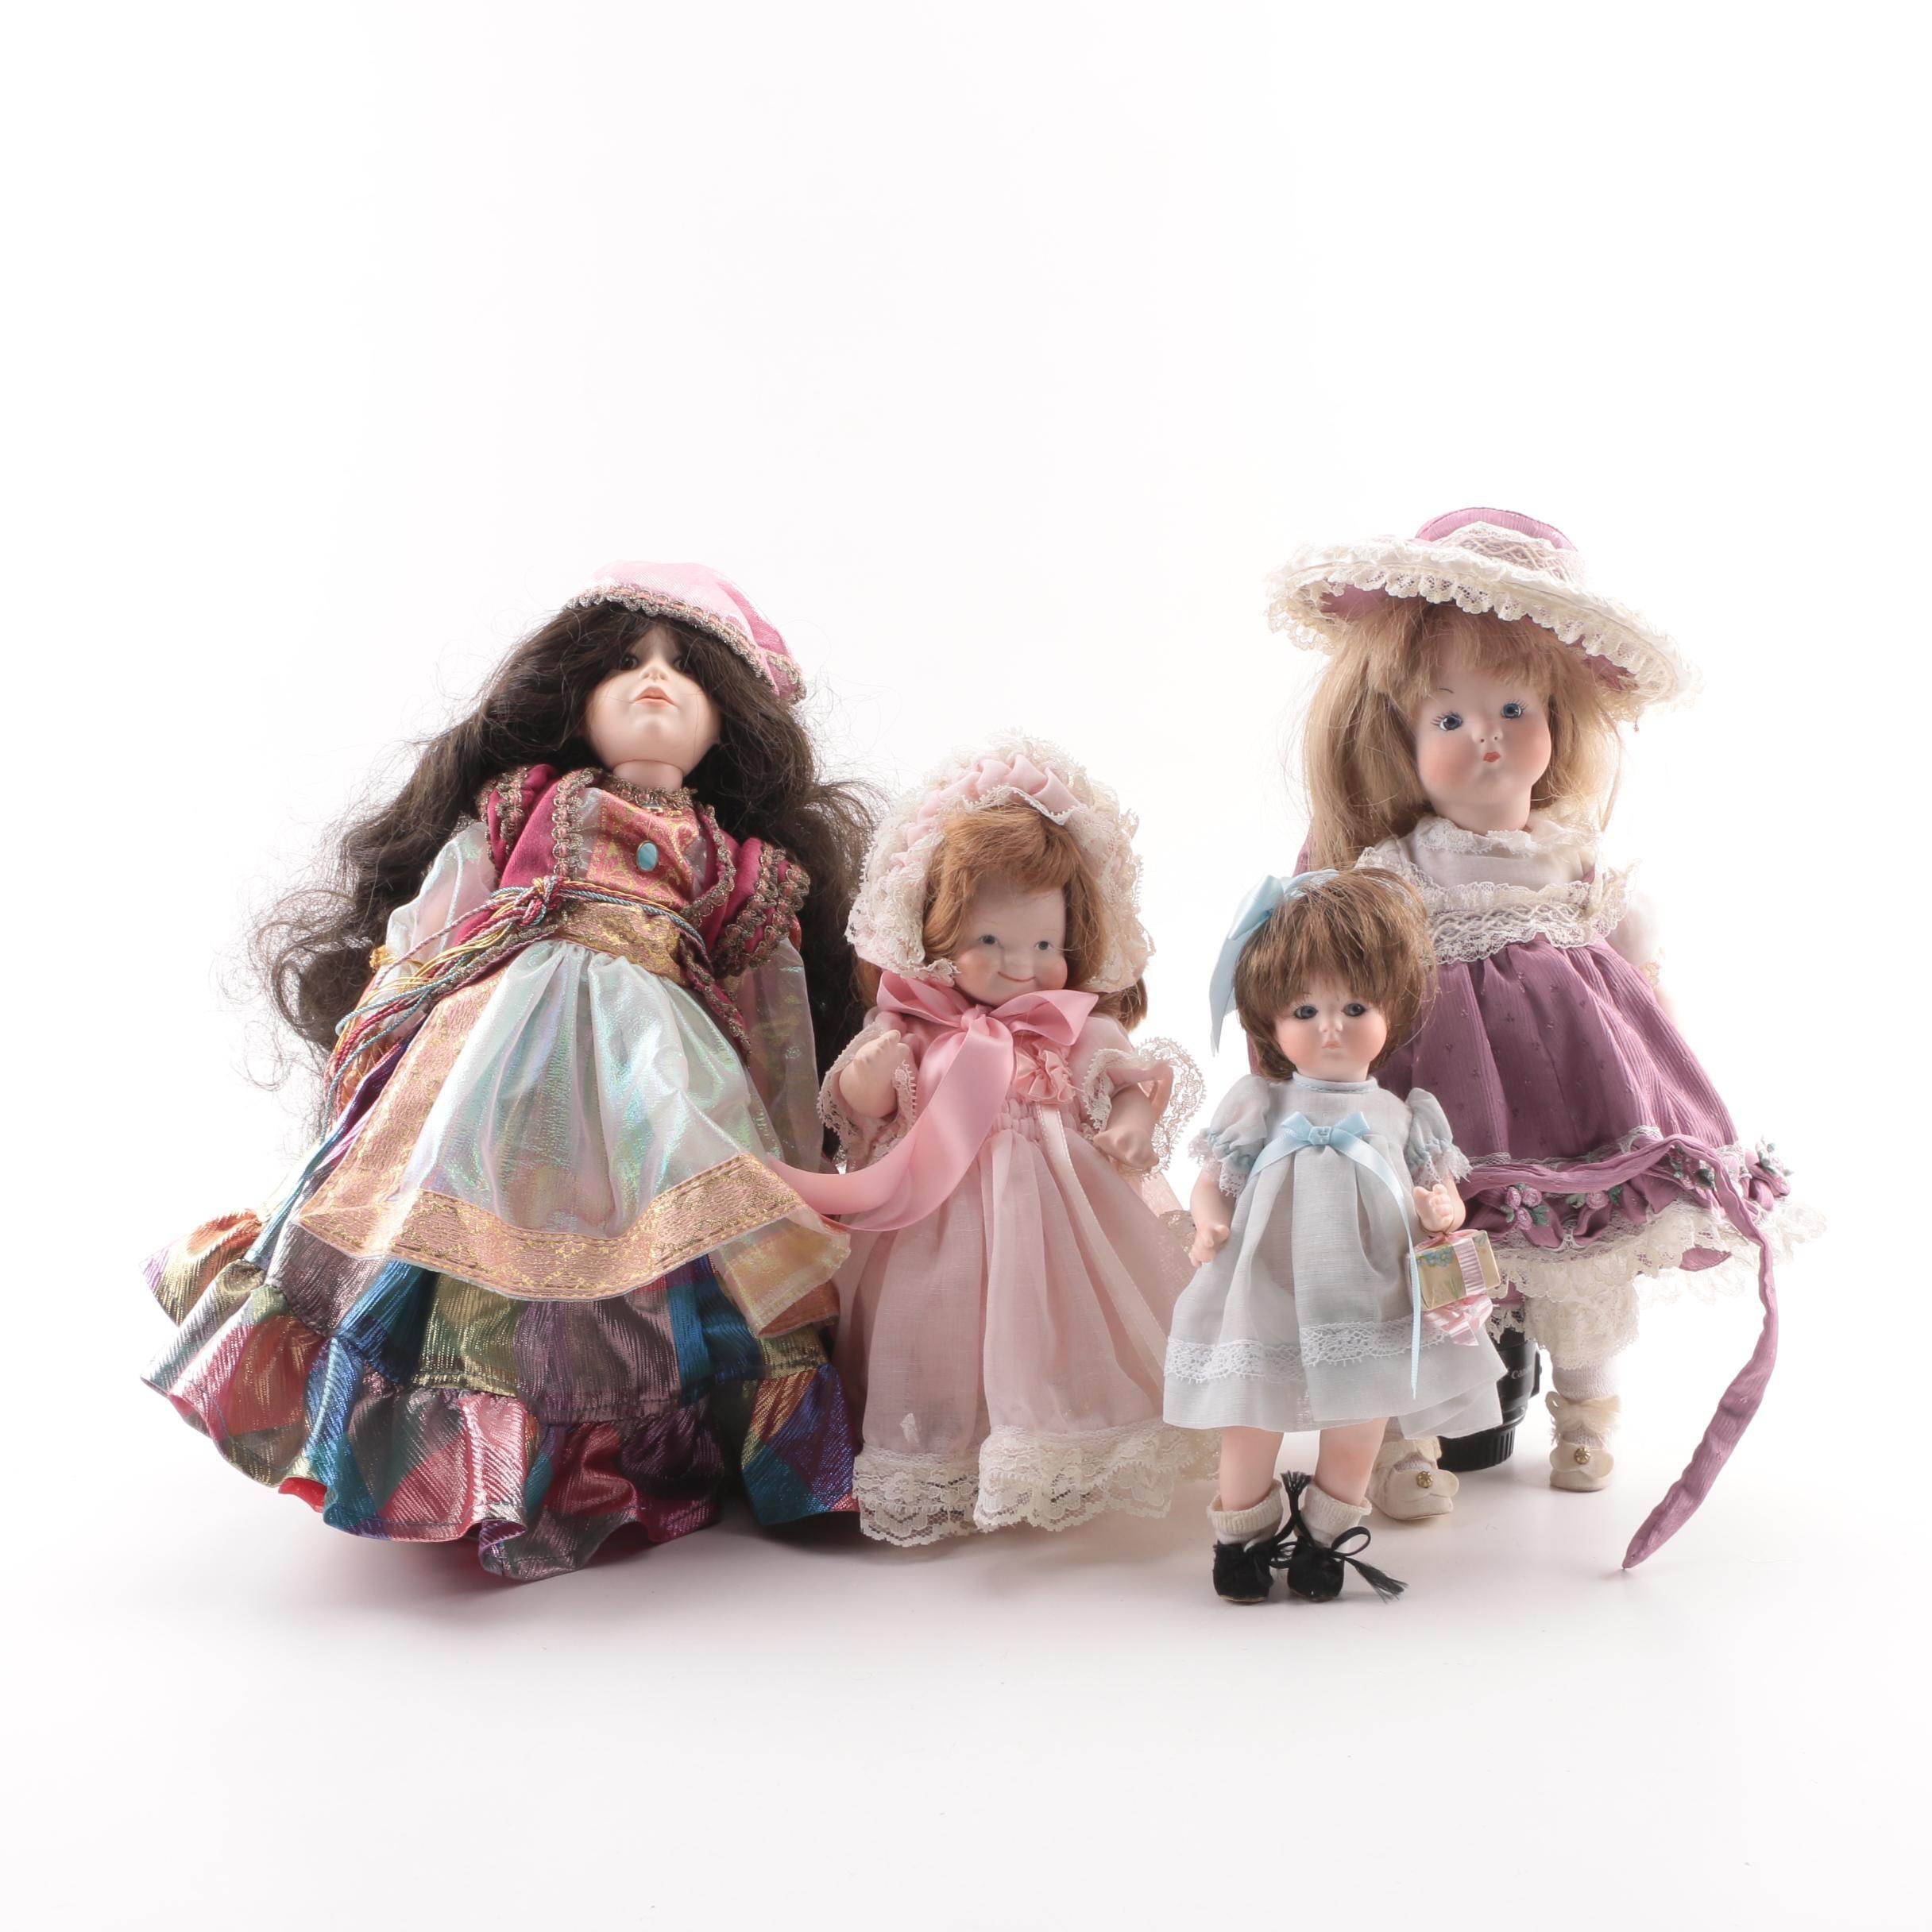 Vintage German Porcelain Dolls Featuring Carol Turpin